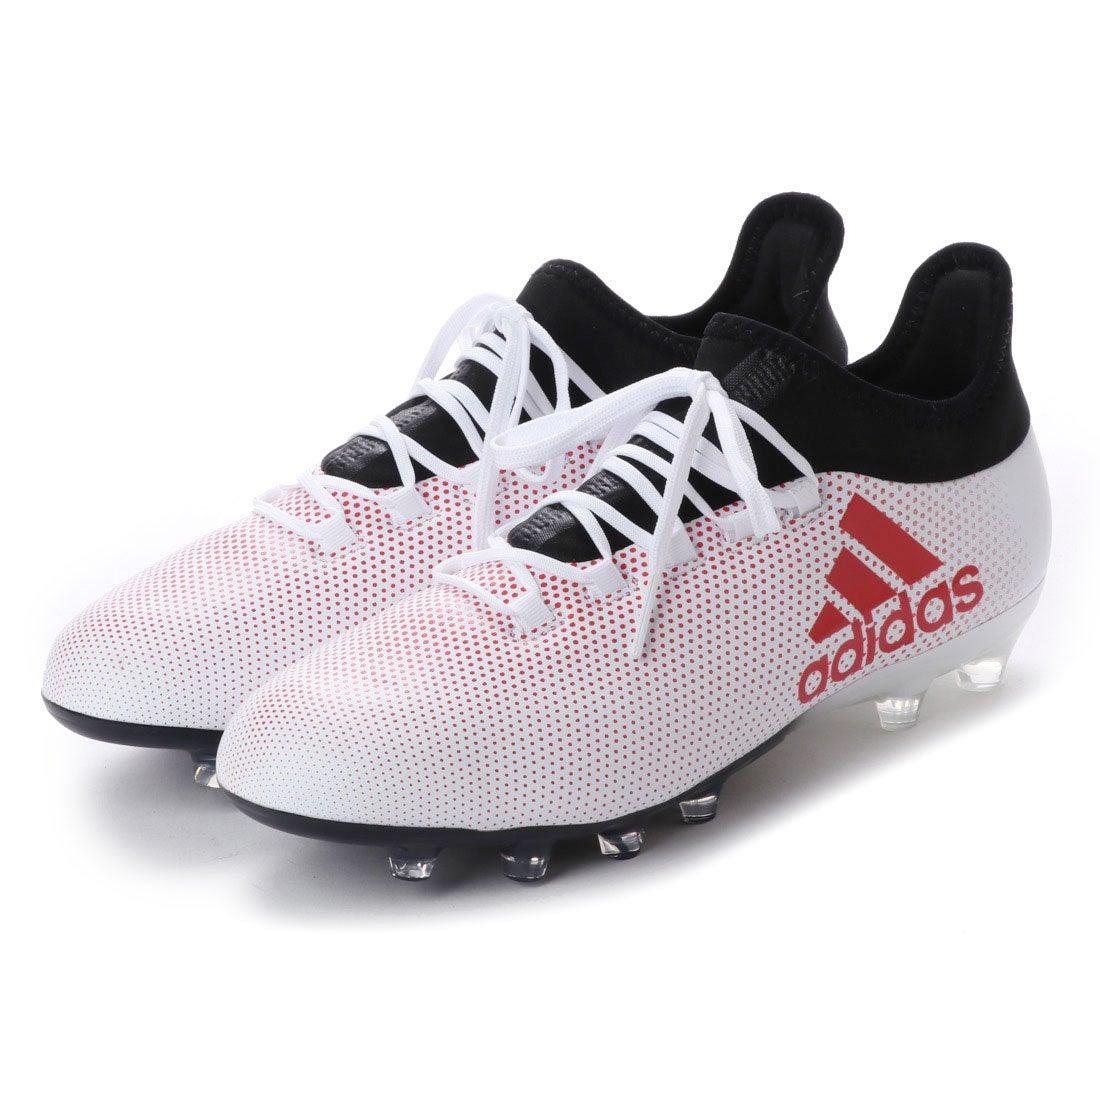 【SALE 40%OFF】アディダス adidas サッカー スパイクシューズ エックス 17.2-ジャパン HG CQ1992